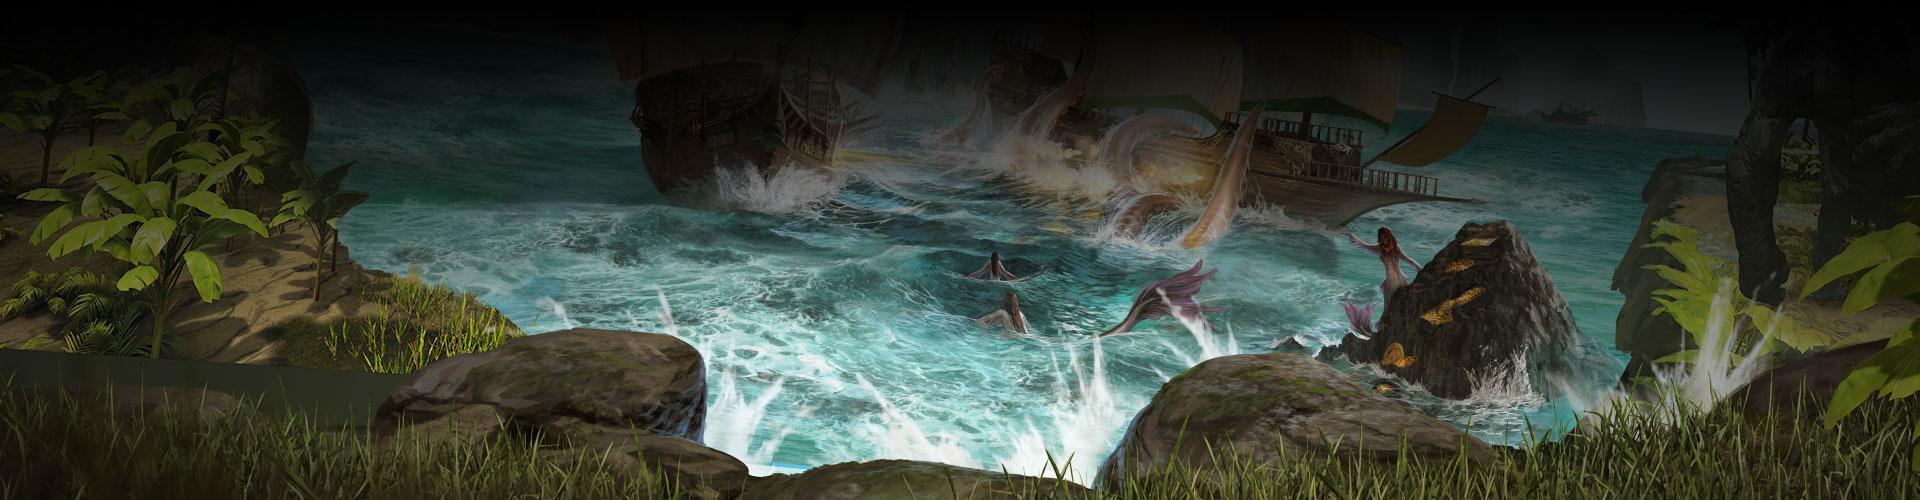 Un rivage, 3navires et une sirène dans une crique rocheuse